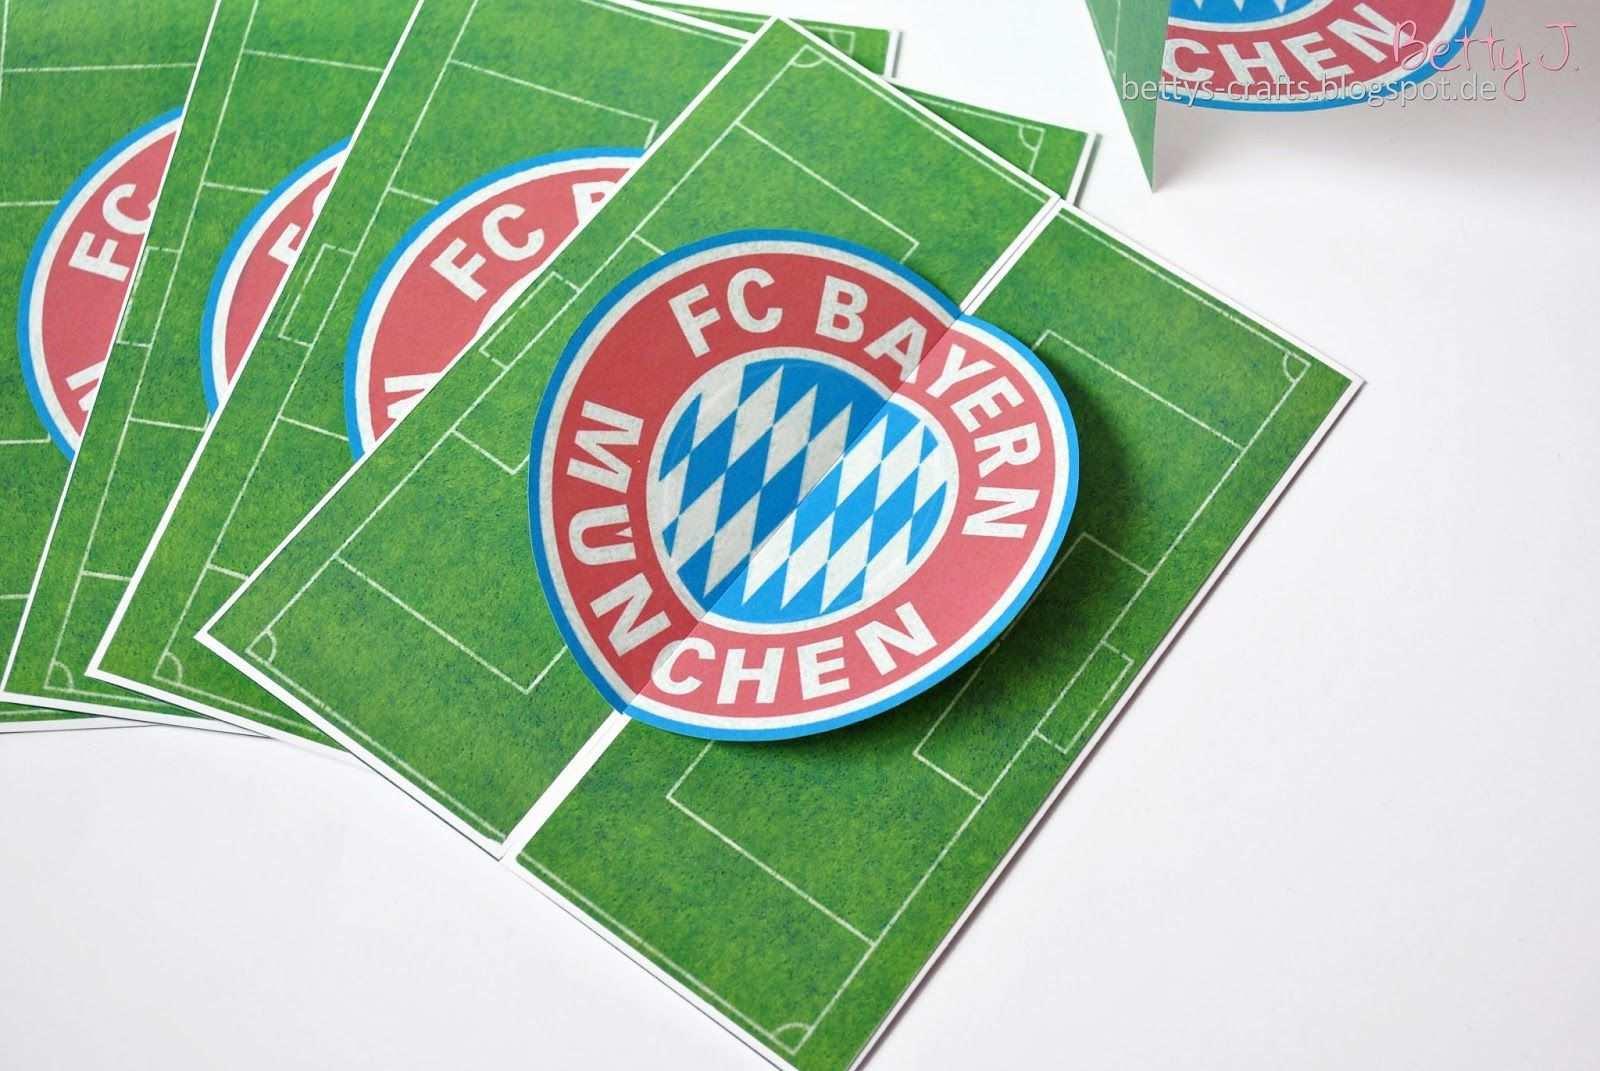 Bettys Crafts Bayern Munchen Geburtstagseinladung Einladungskarten Kindergeburtstag Kindergeburtstag Fussball Geburtstag Karte